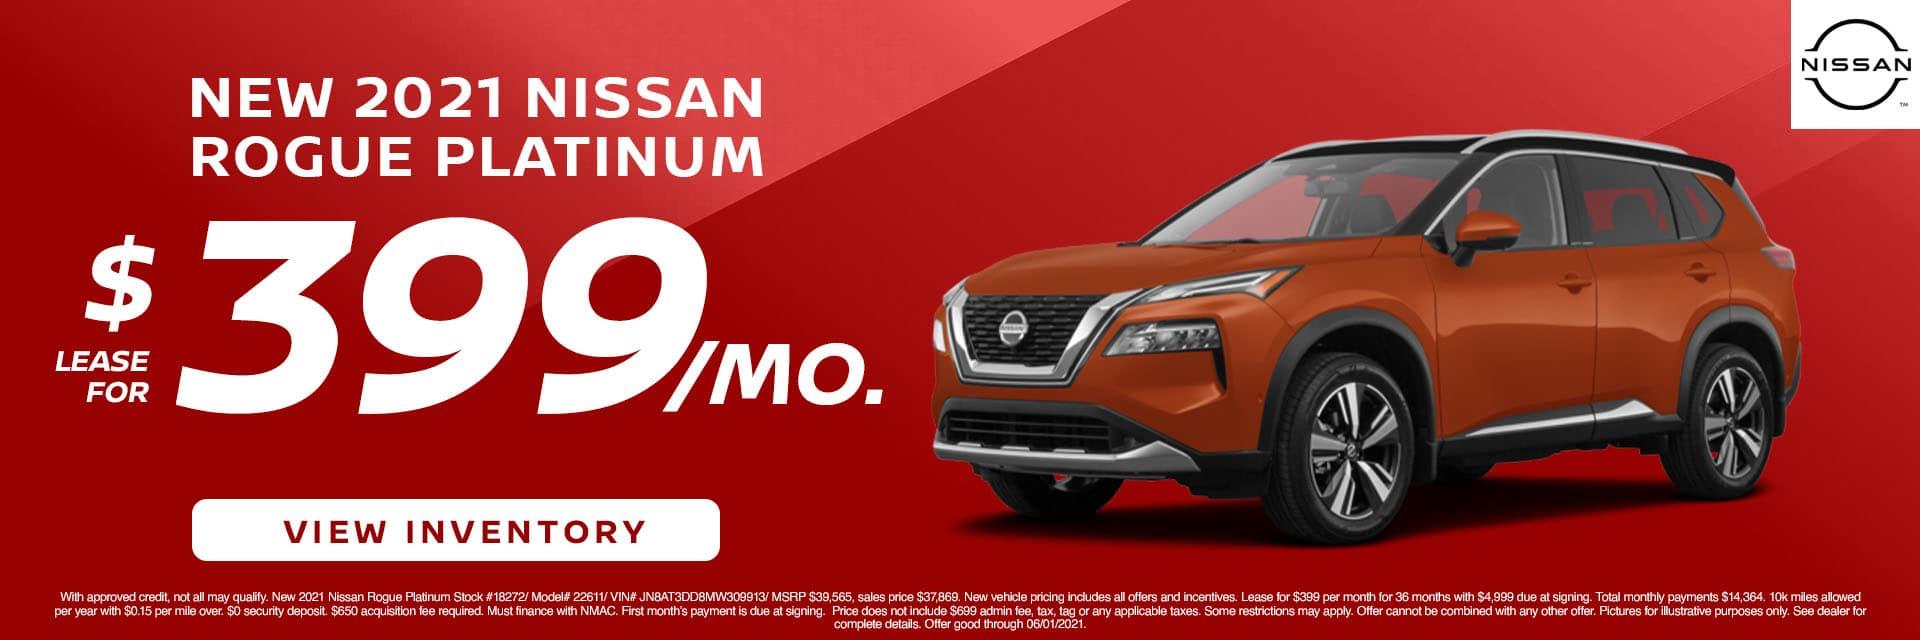 CNSN-May 2021-2021 Nissan Rogue